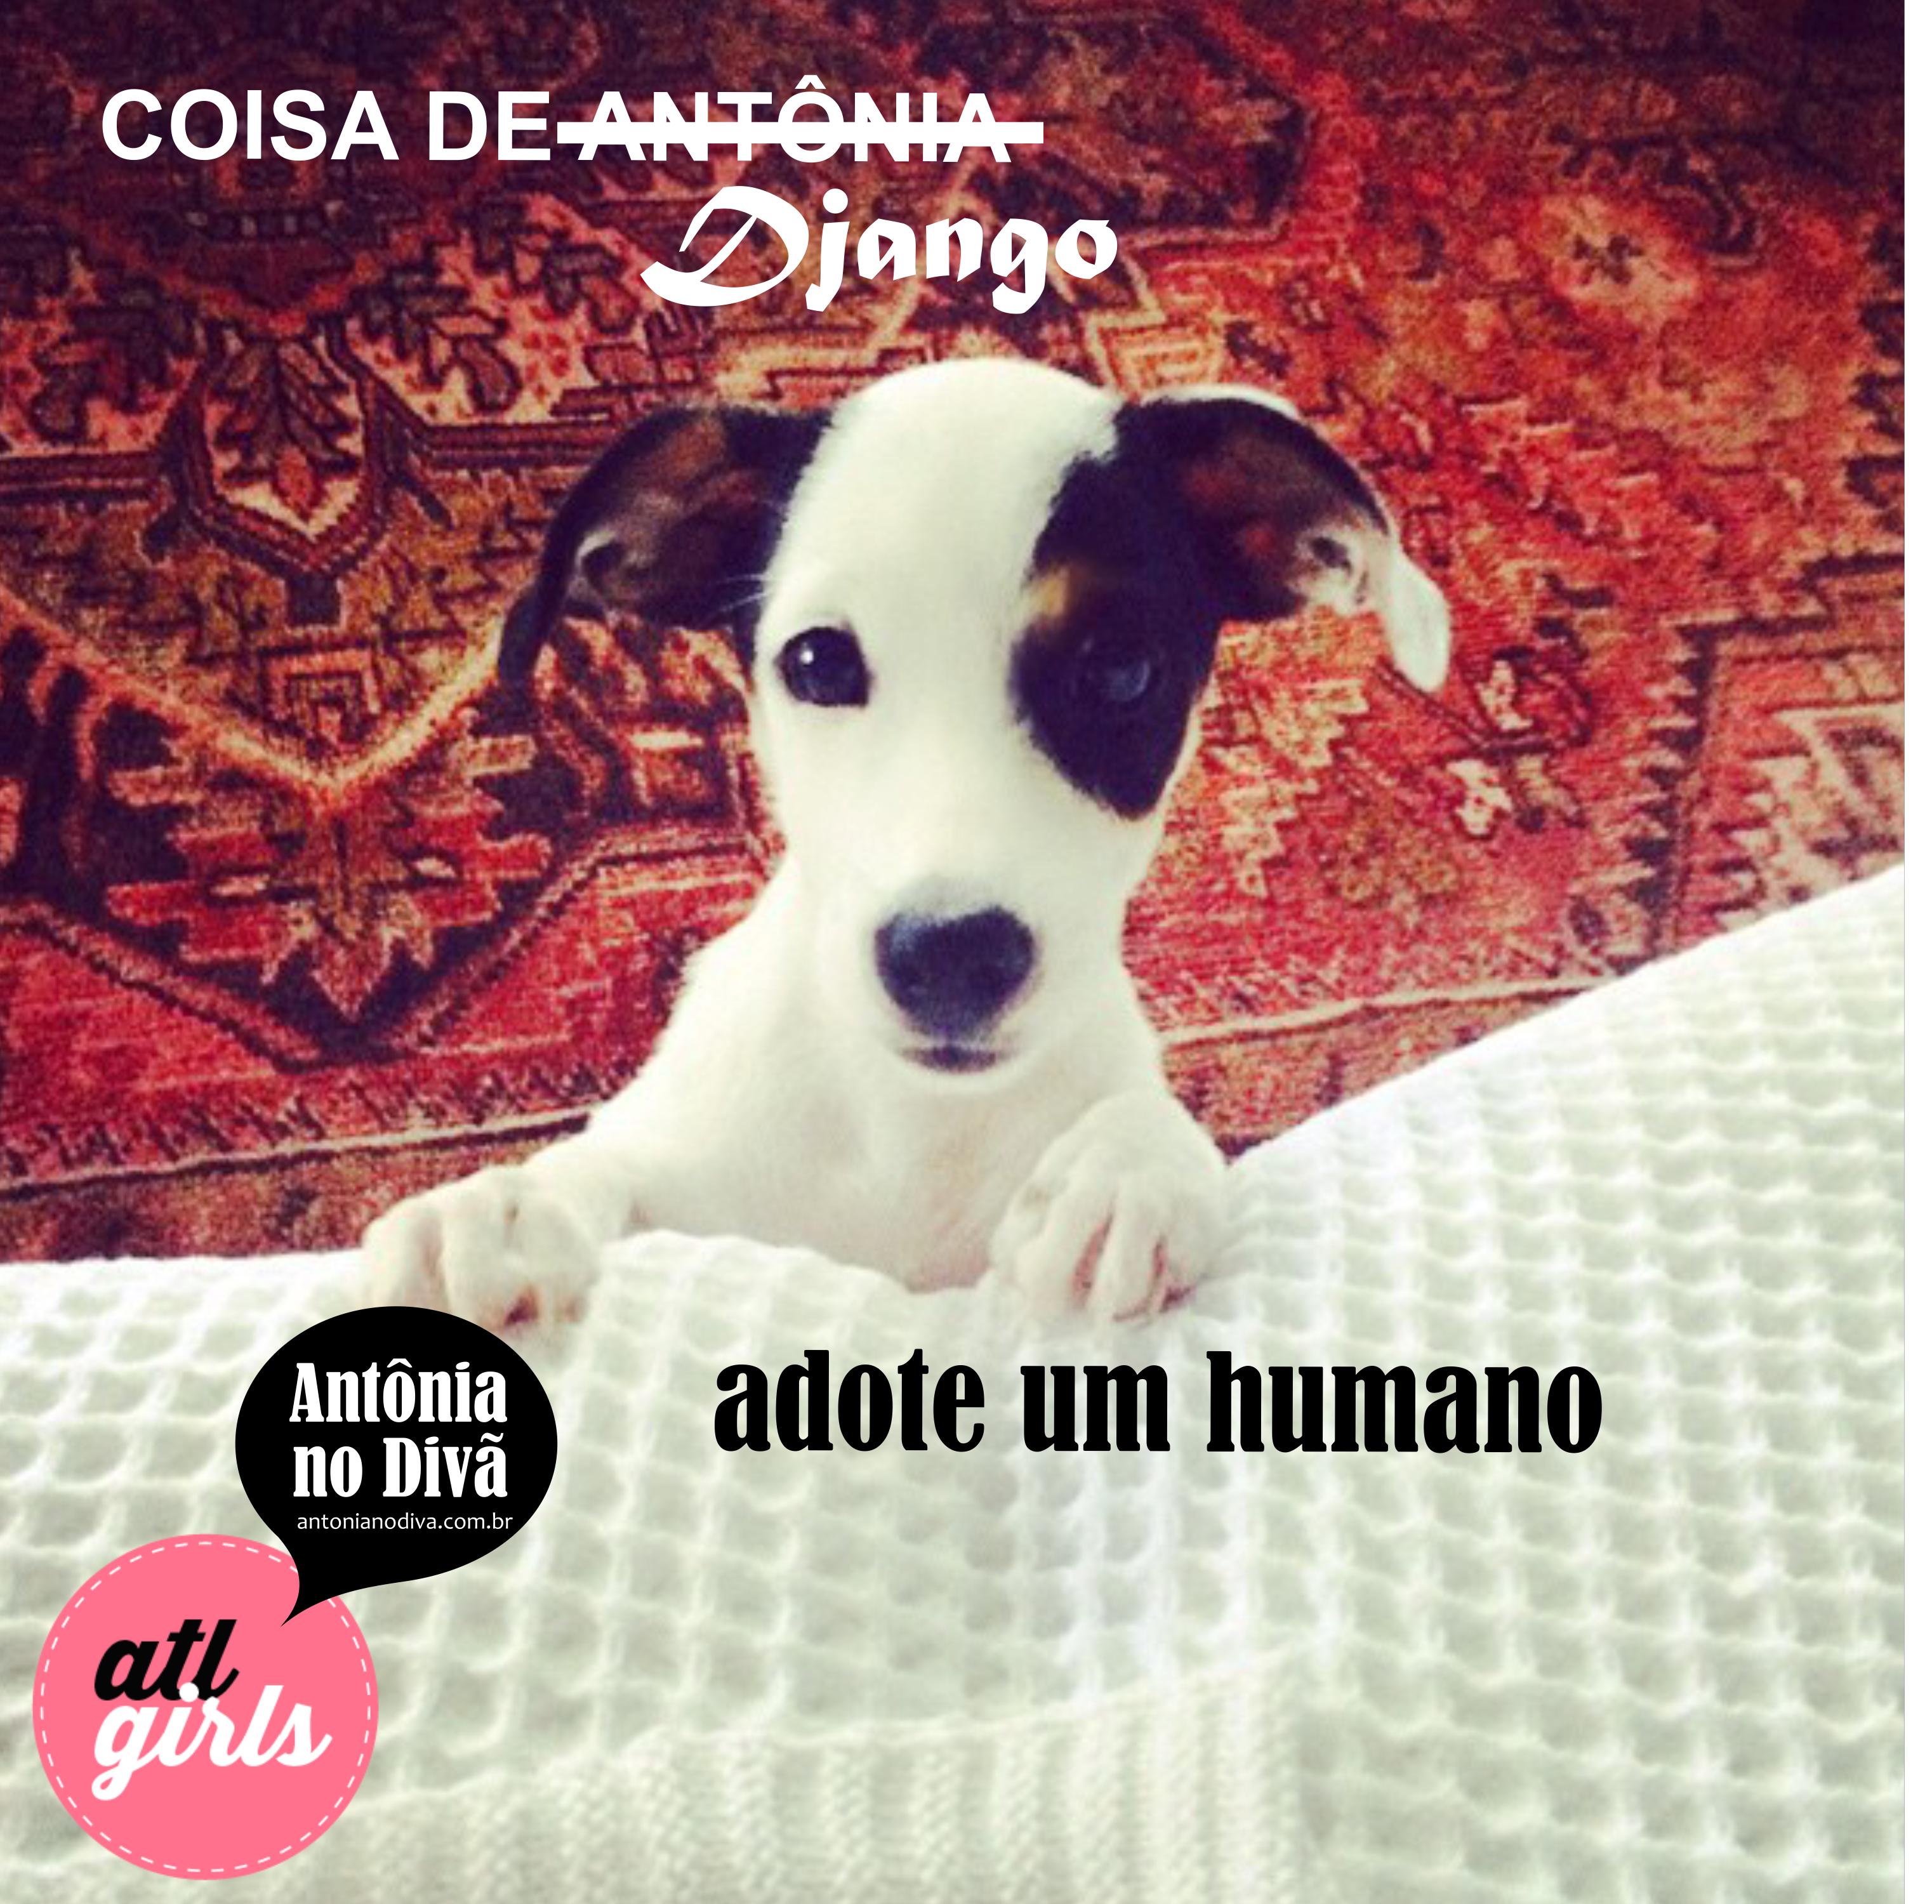 antônia no divã - adote um humano